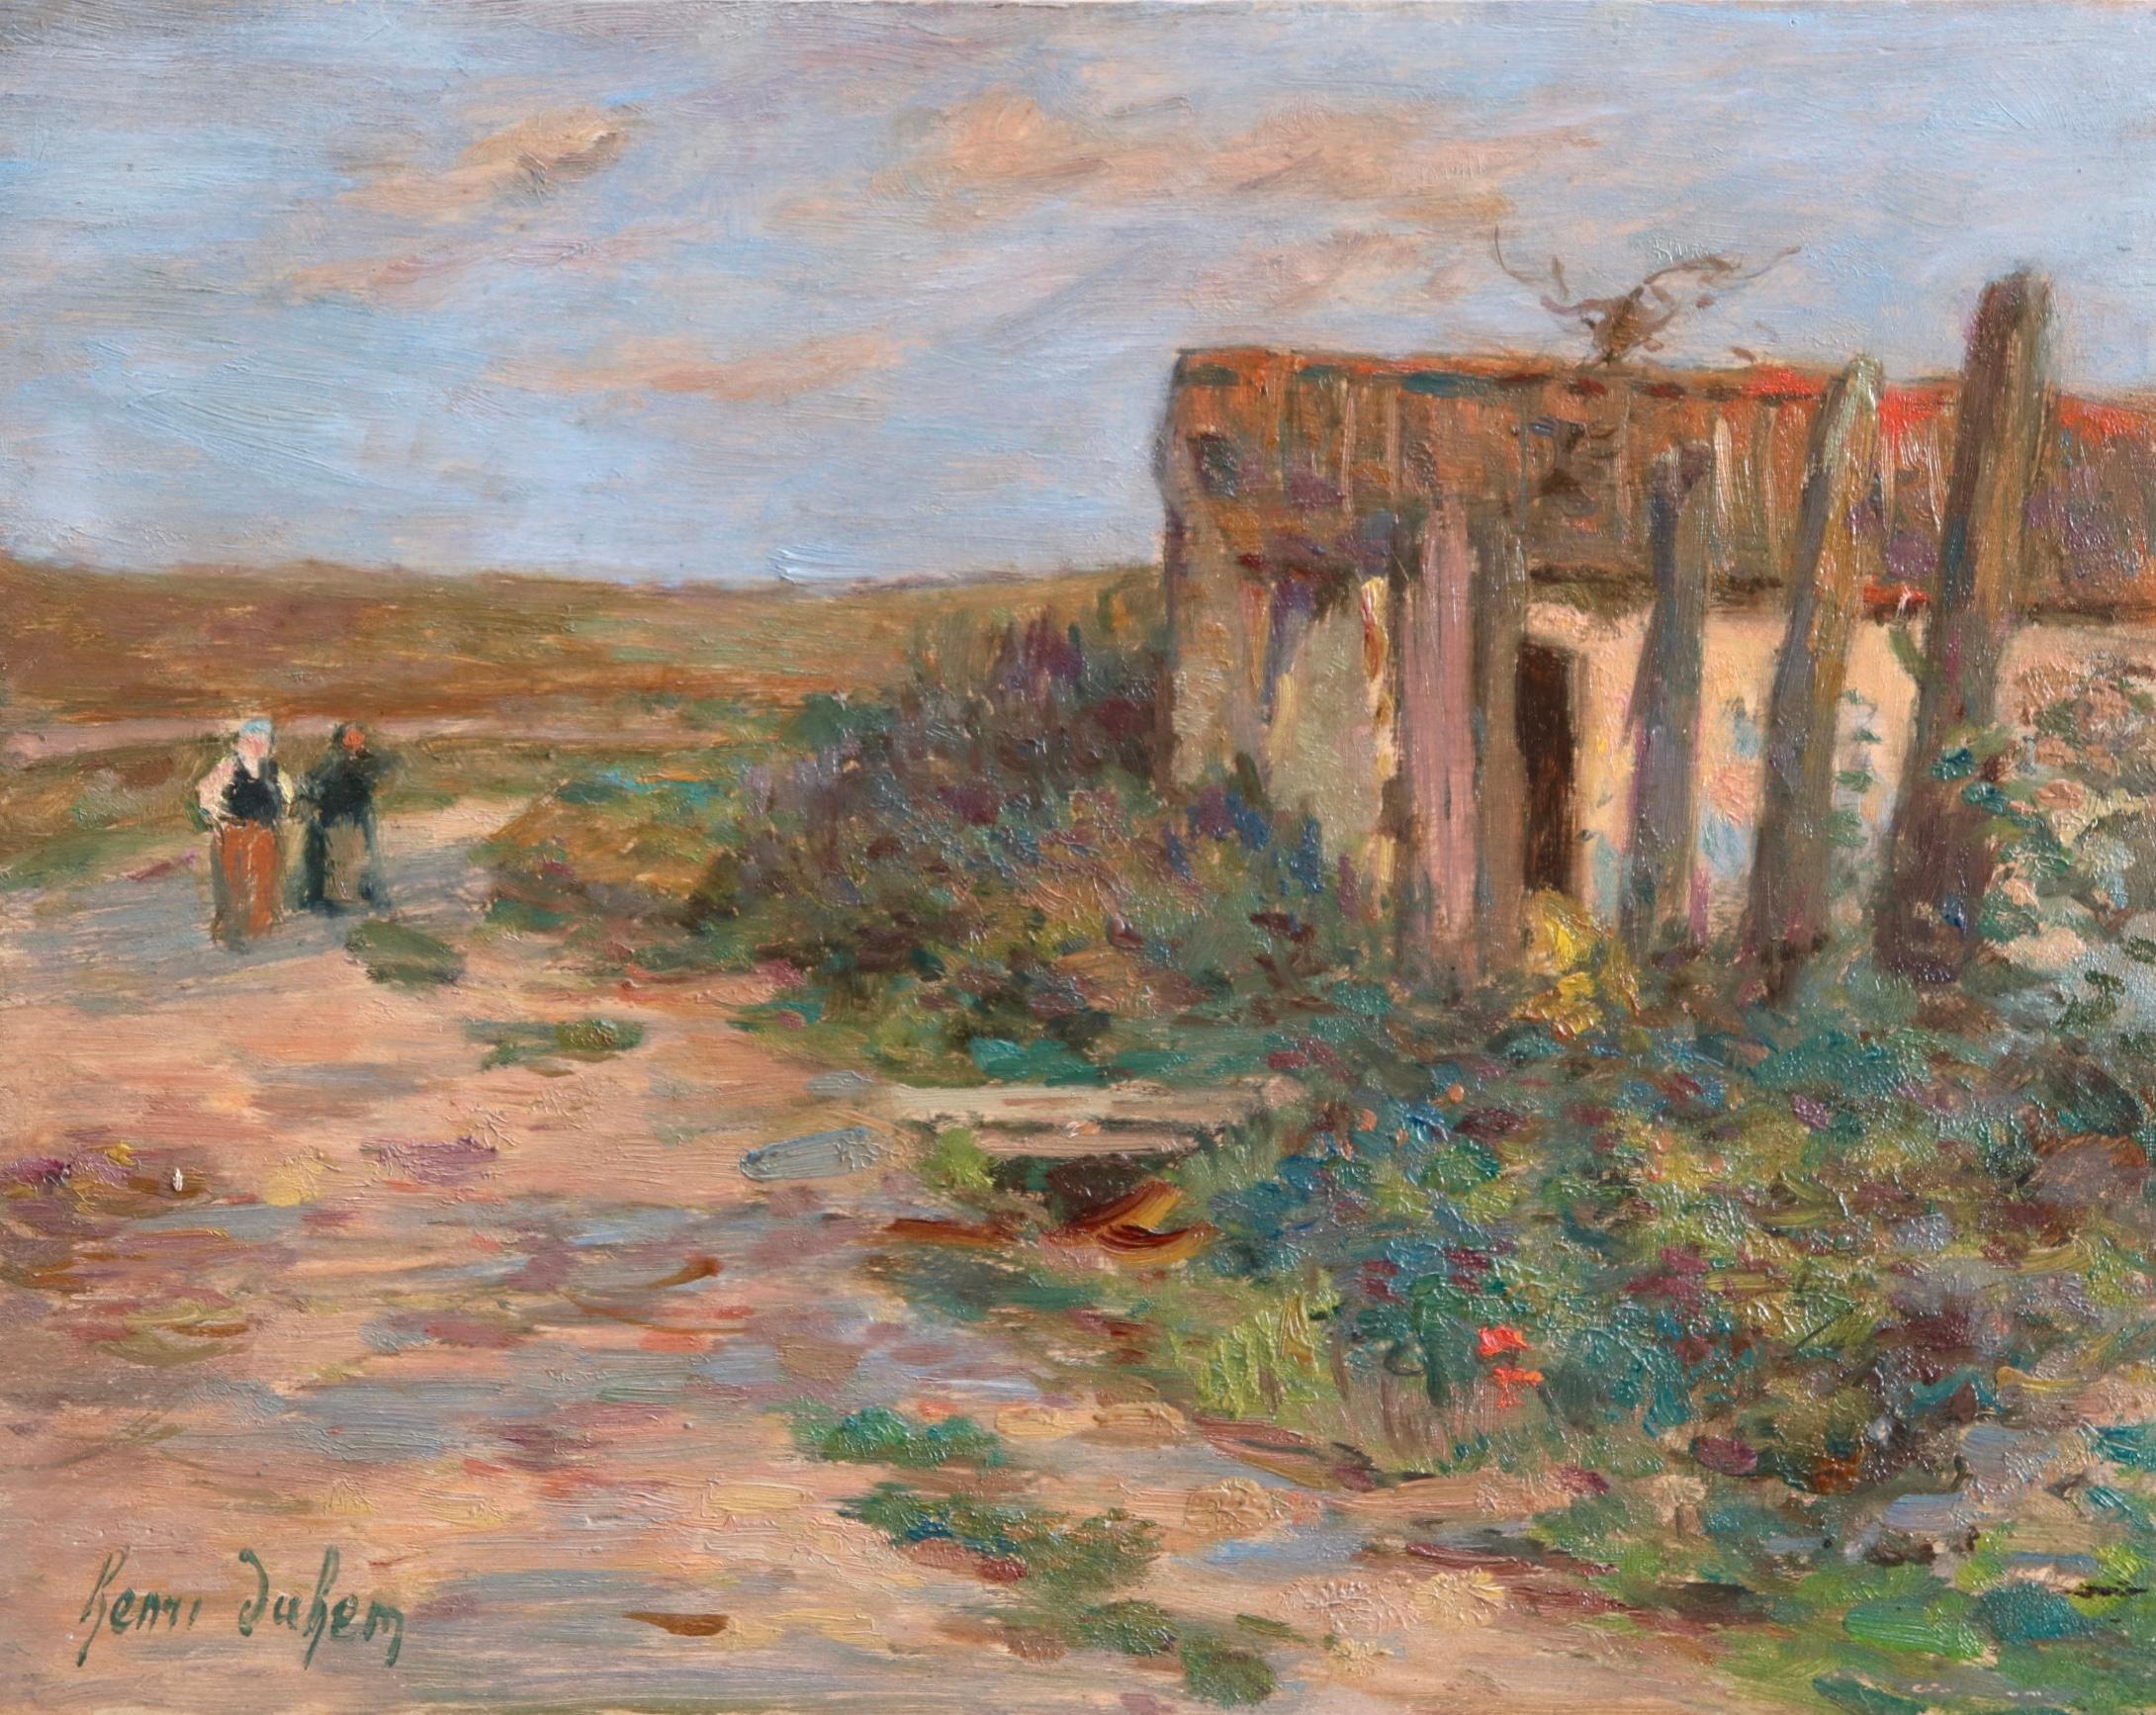 Femmes dans le paysage - Impressionist Oil, Figures in Landscape by Henri Duhem